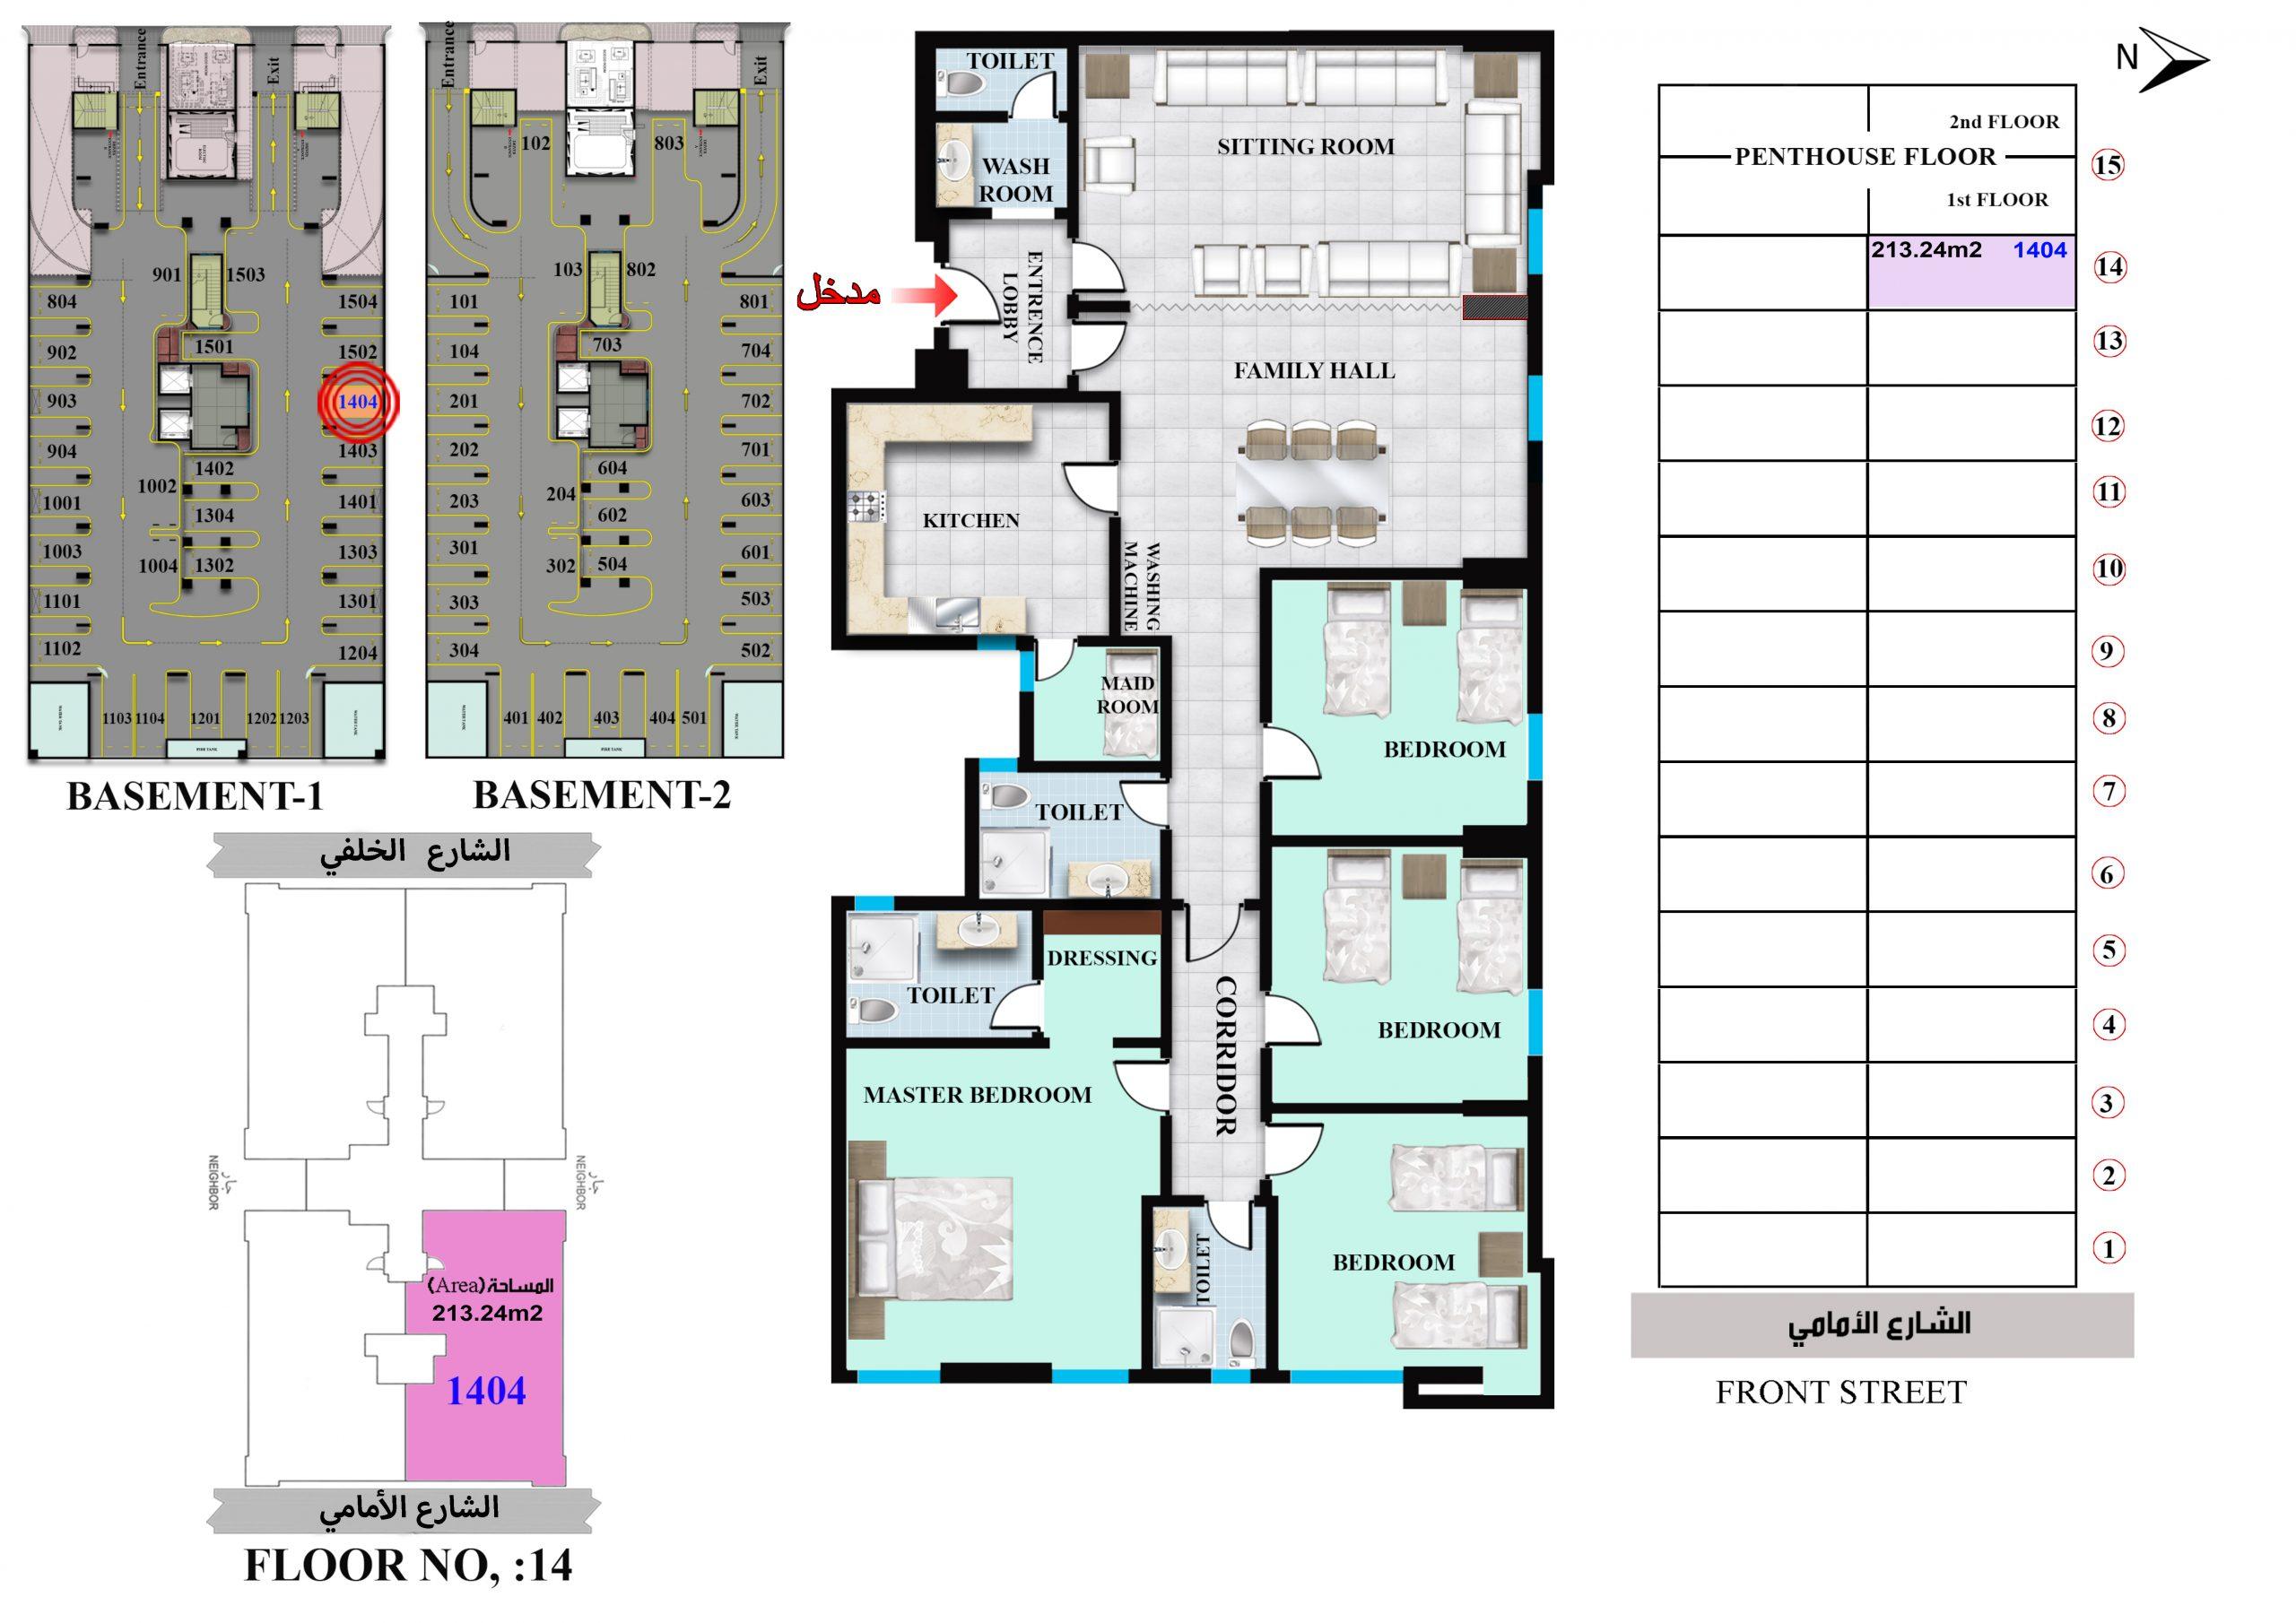 شقة رقم 1404